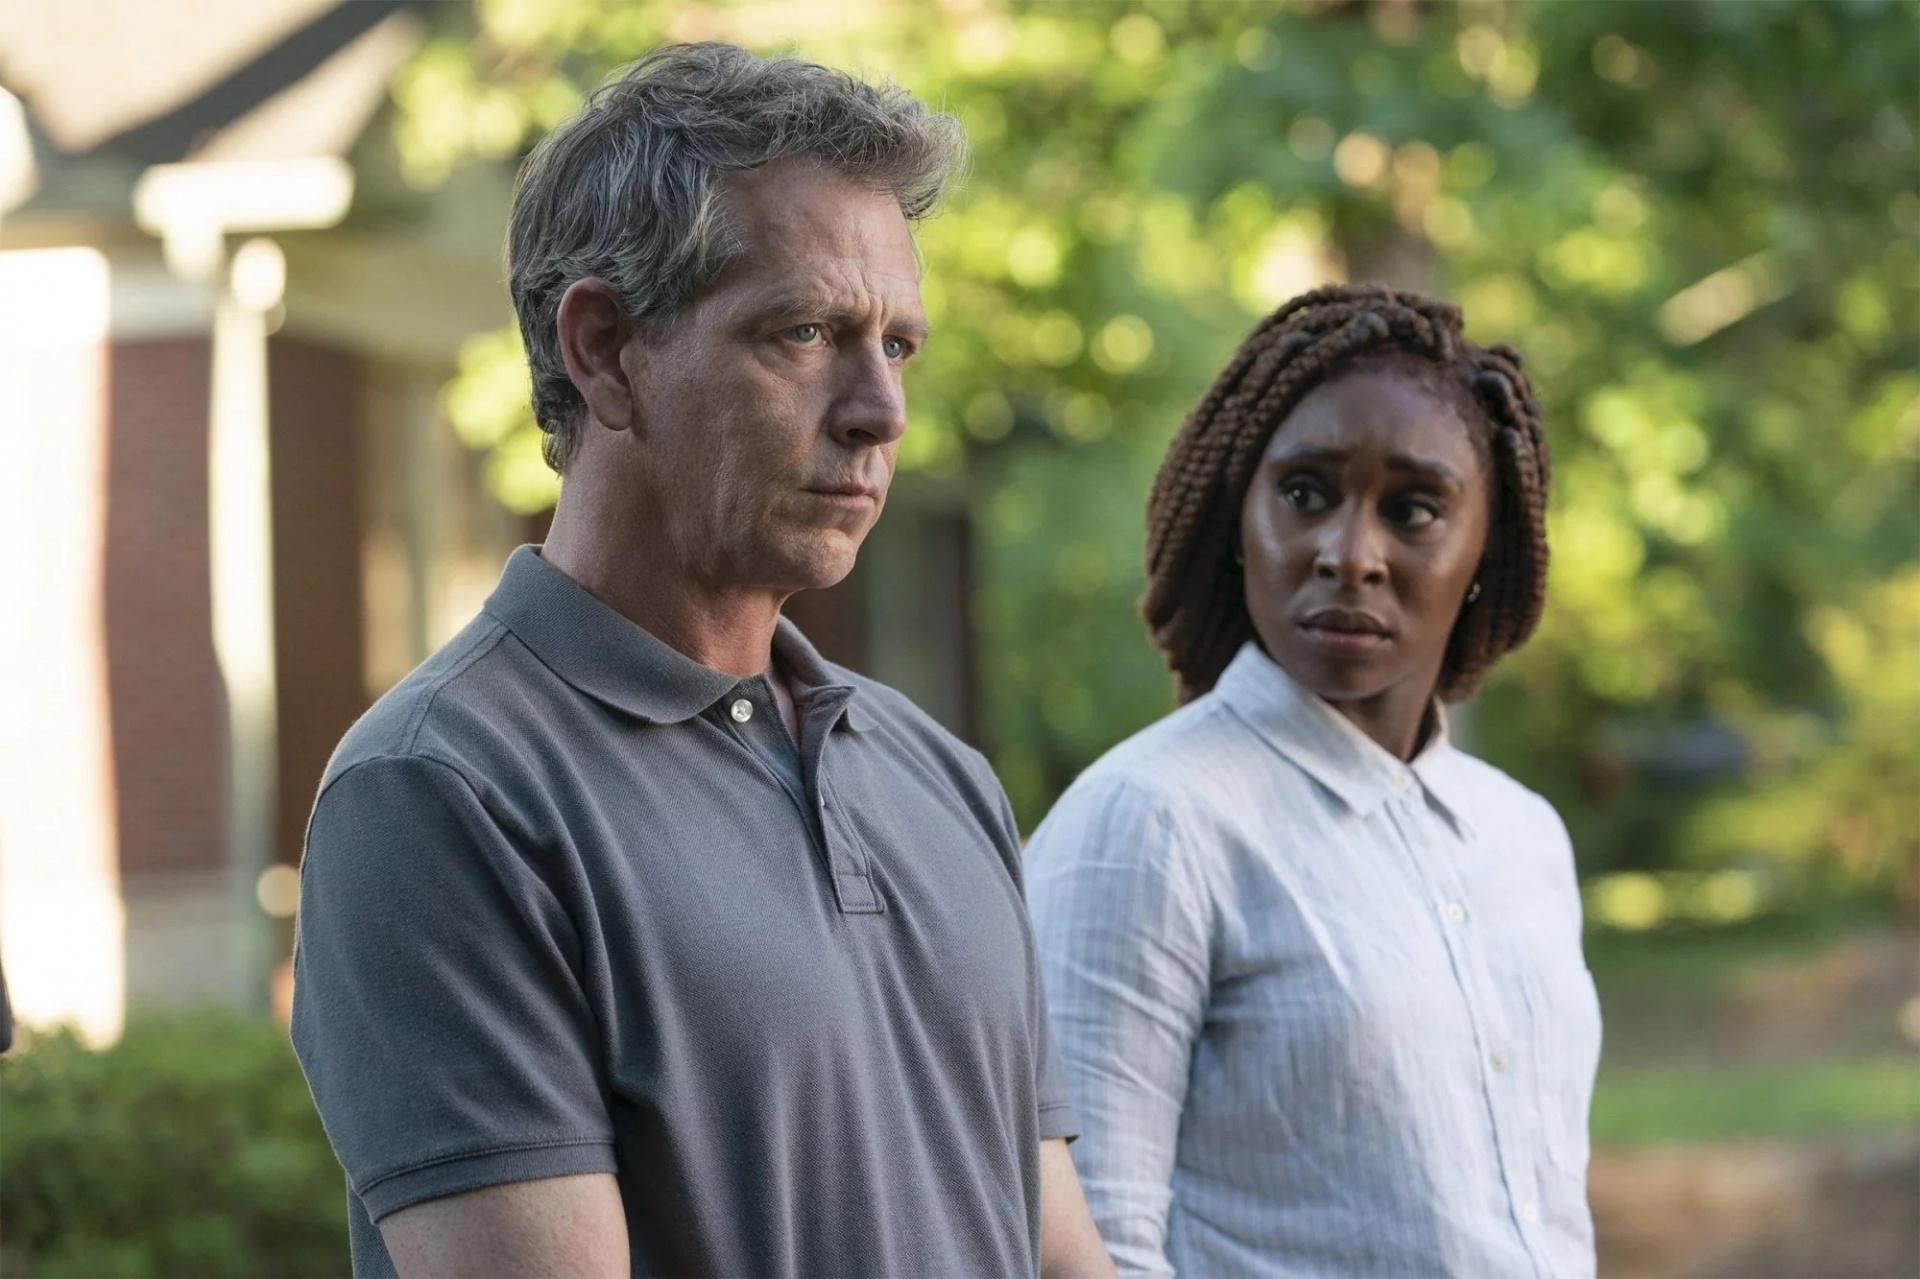 «Чужак» от HBO обошёл рейтинги «Хранителей» и3 сезона «Настоящего детектива»